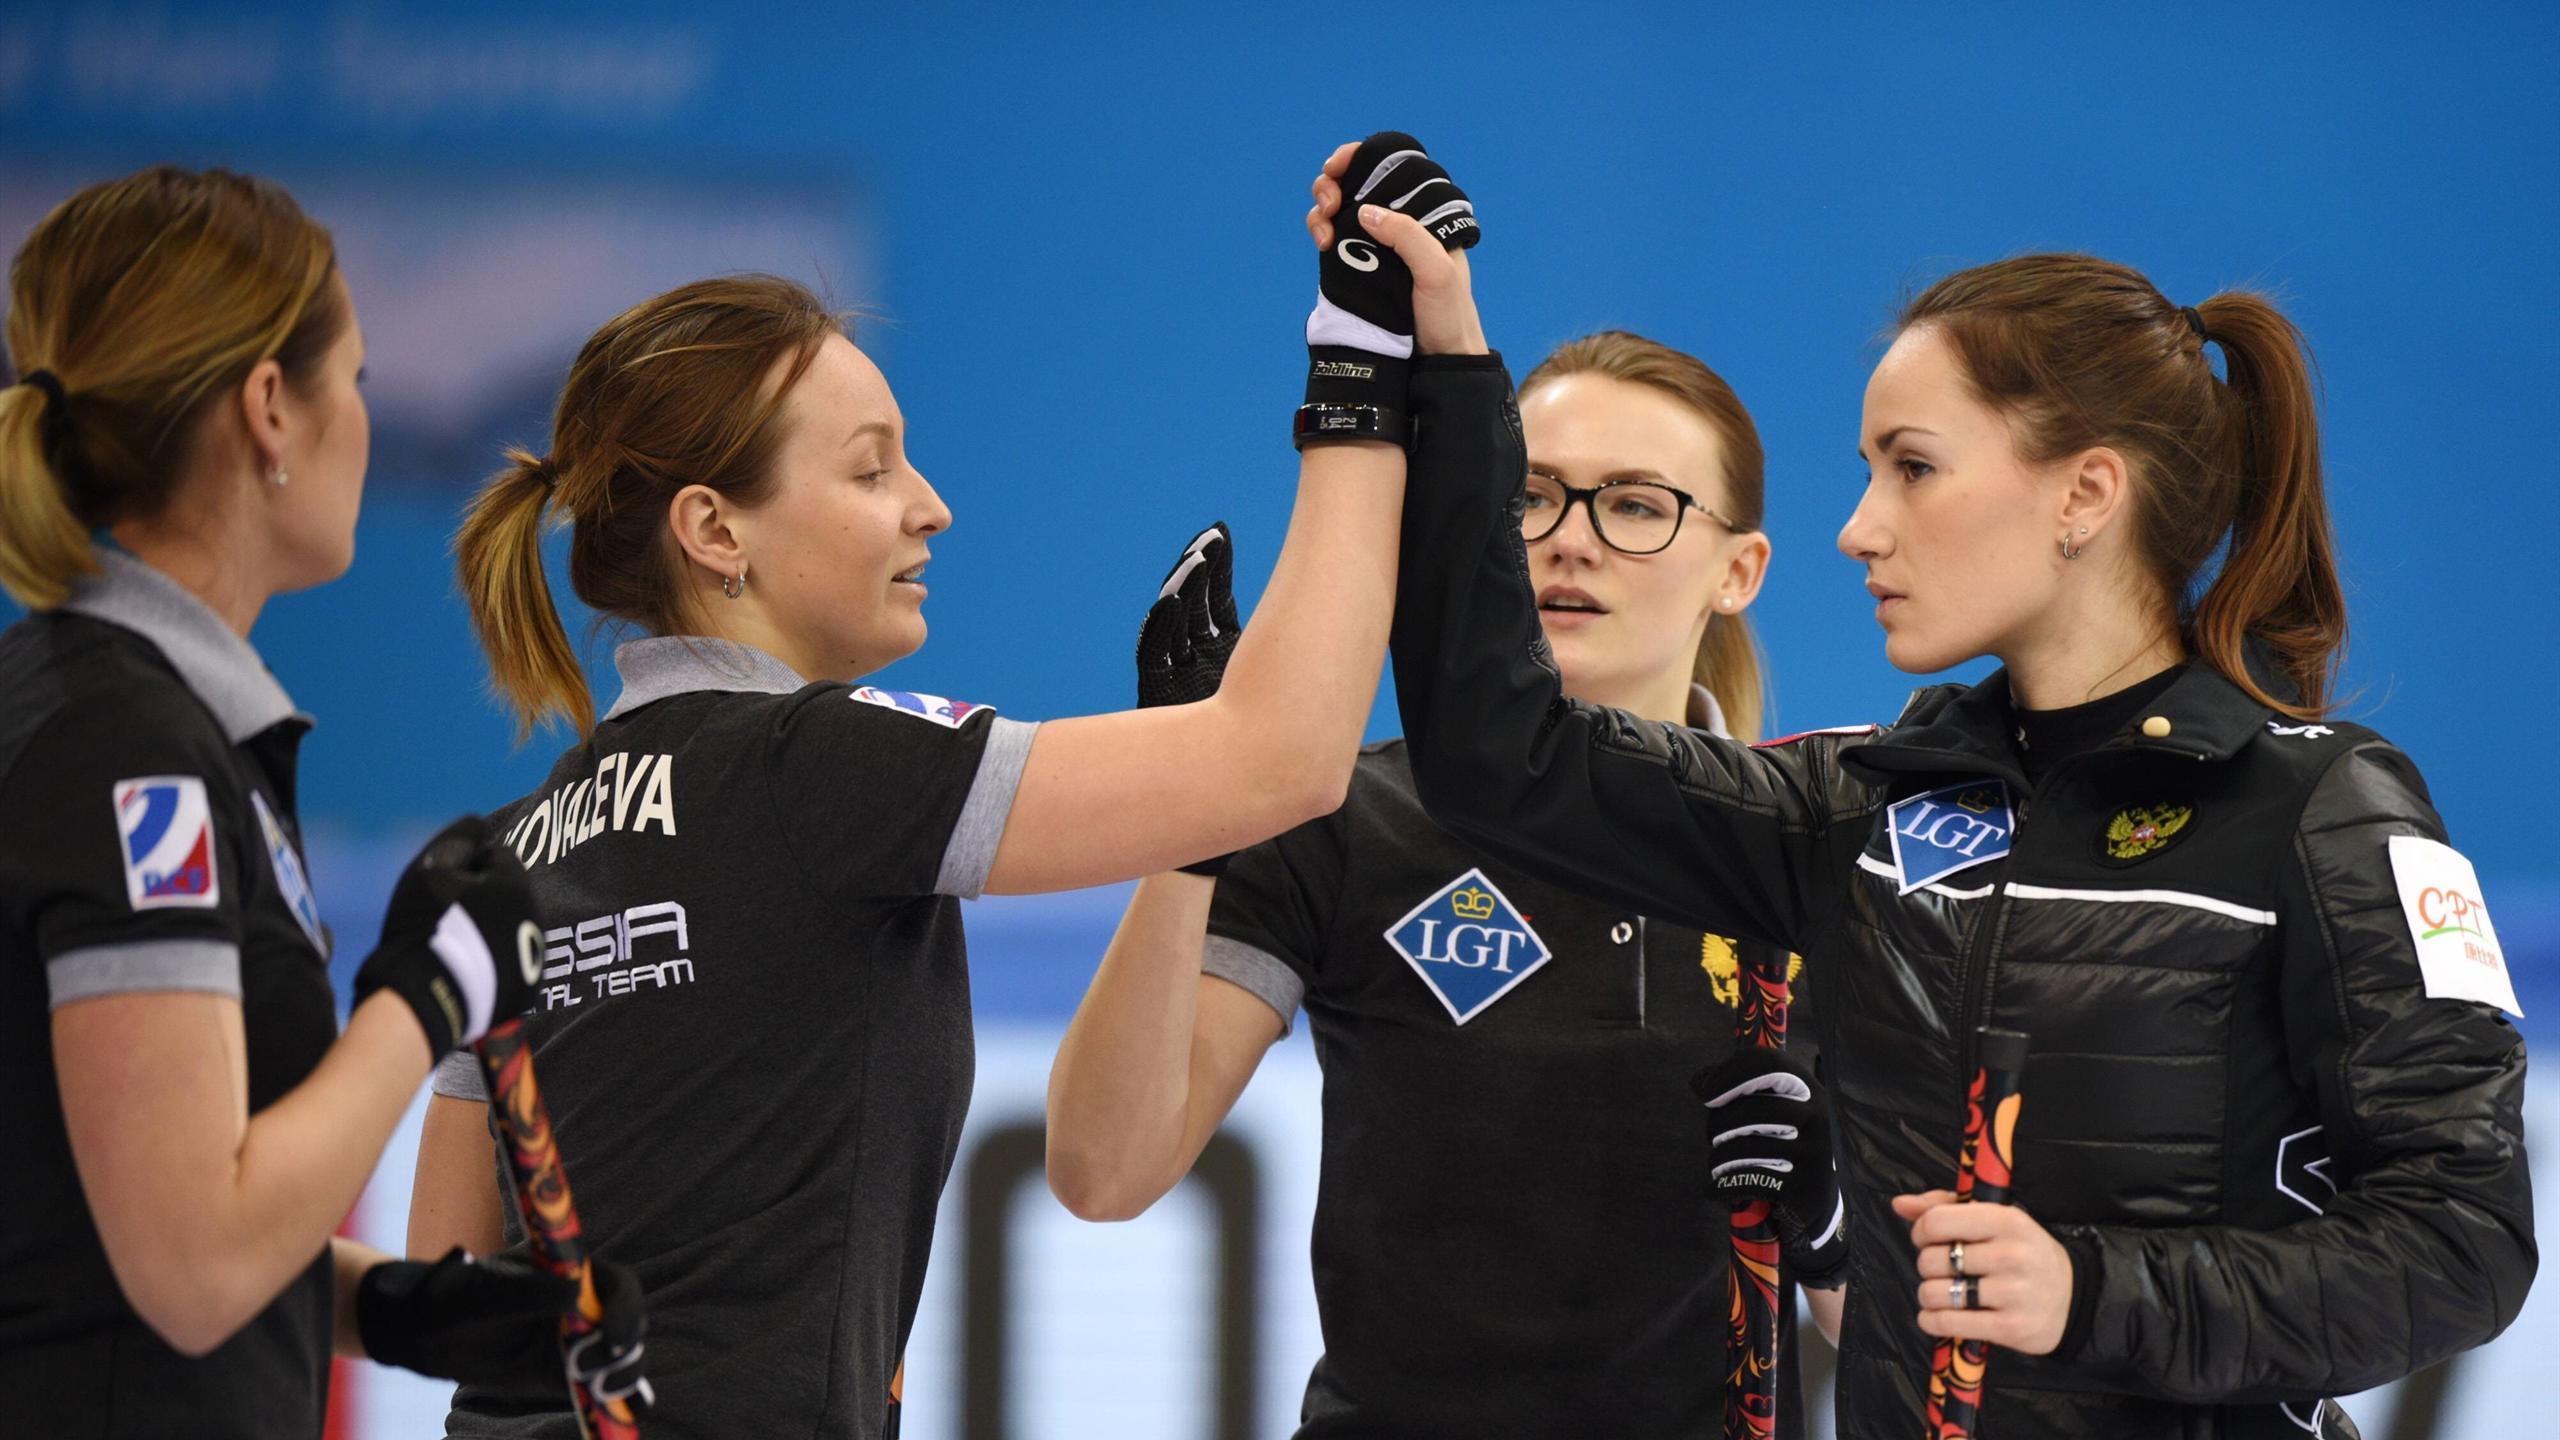 сборная россии по керлингу женская состав фото стилизованные снимки набирают